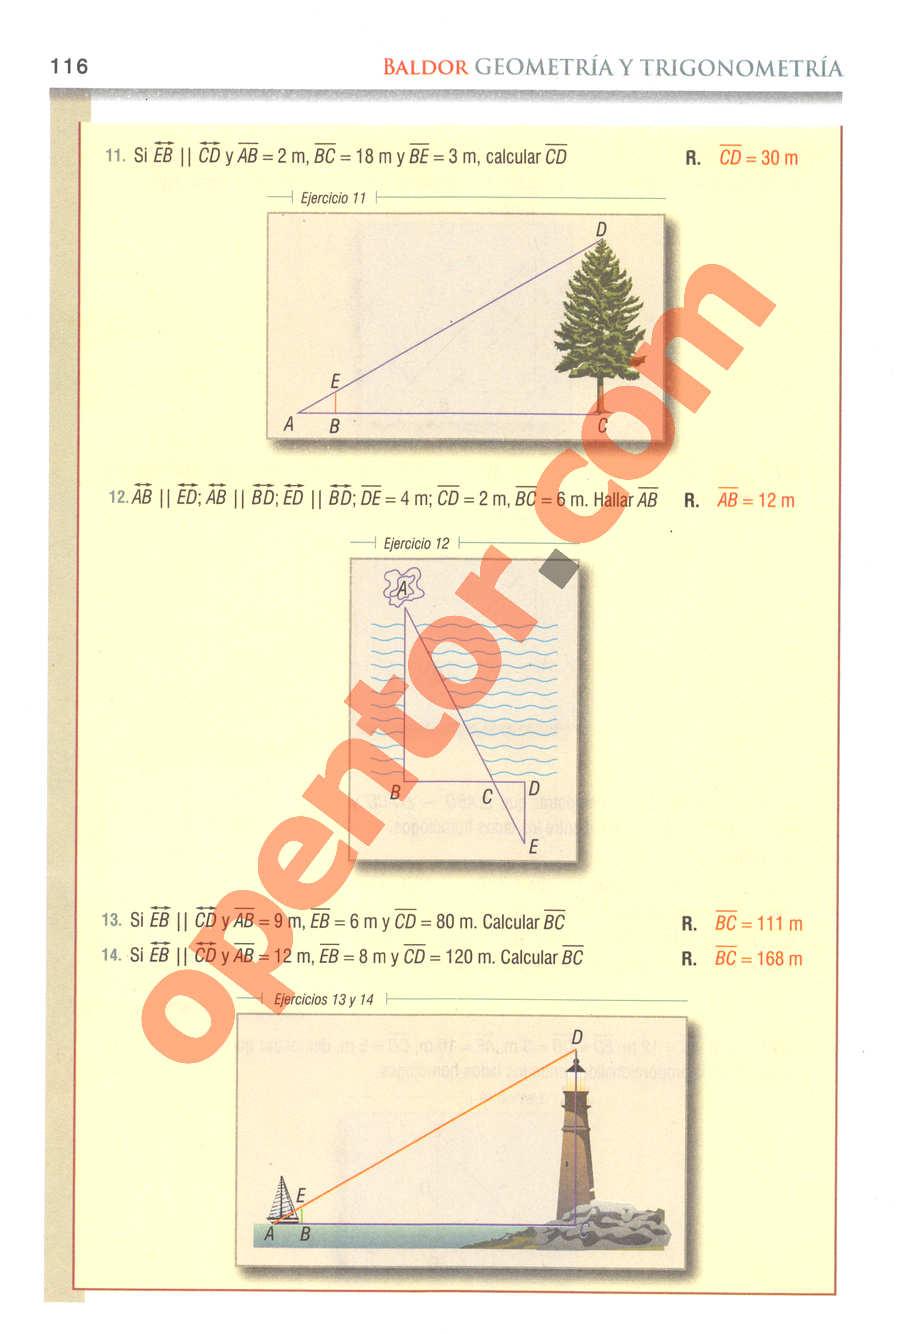 Geometría y Trigonometría de Baldor - Página 116